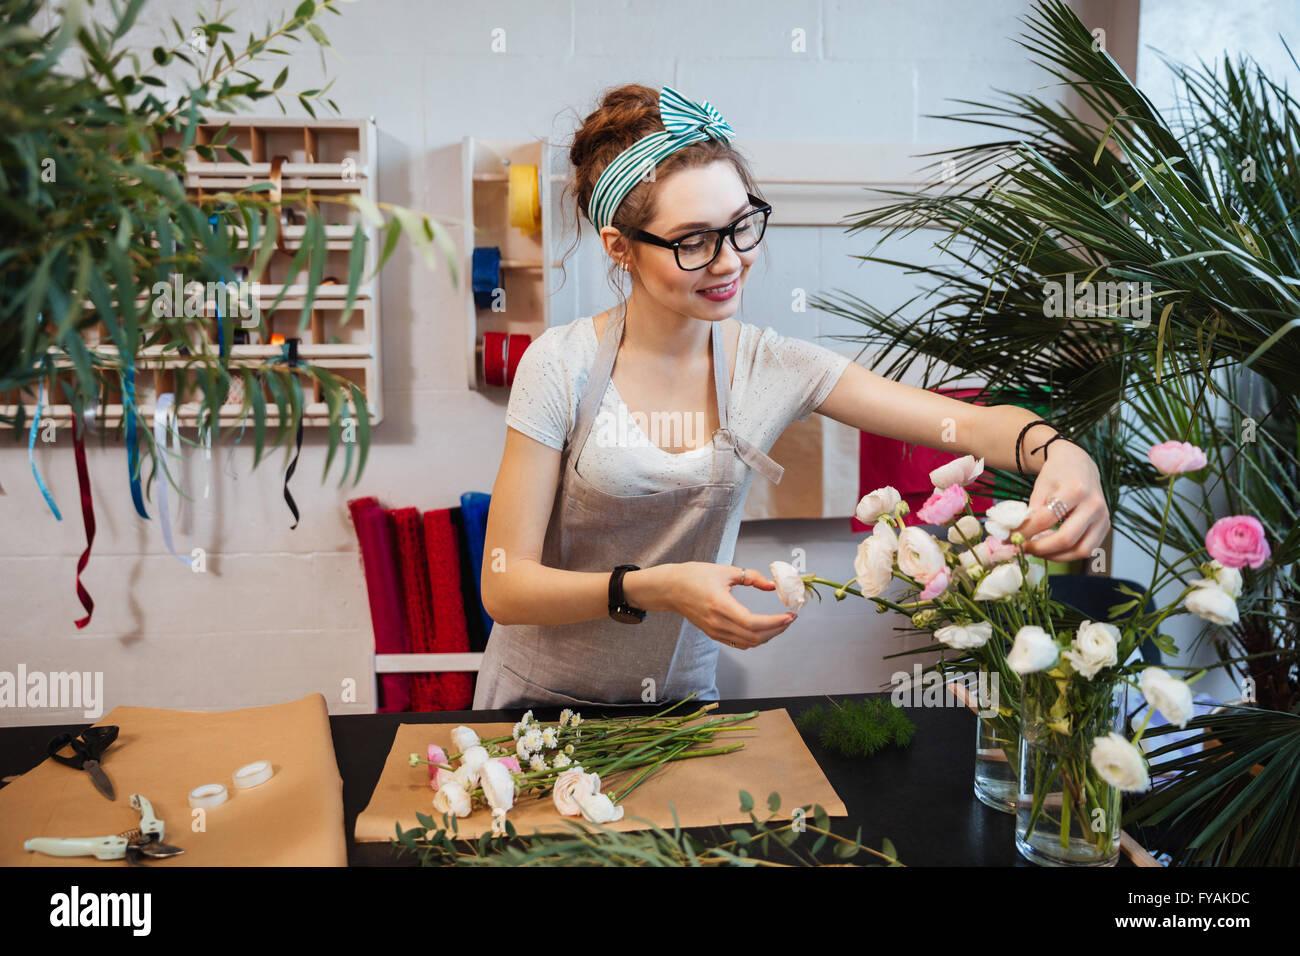 Smiling attractive young woman florist bouquet travailler et prendre dans le magasin de fleurs Photo Stock